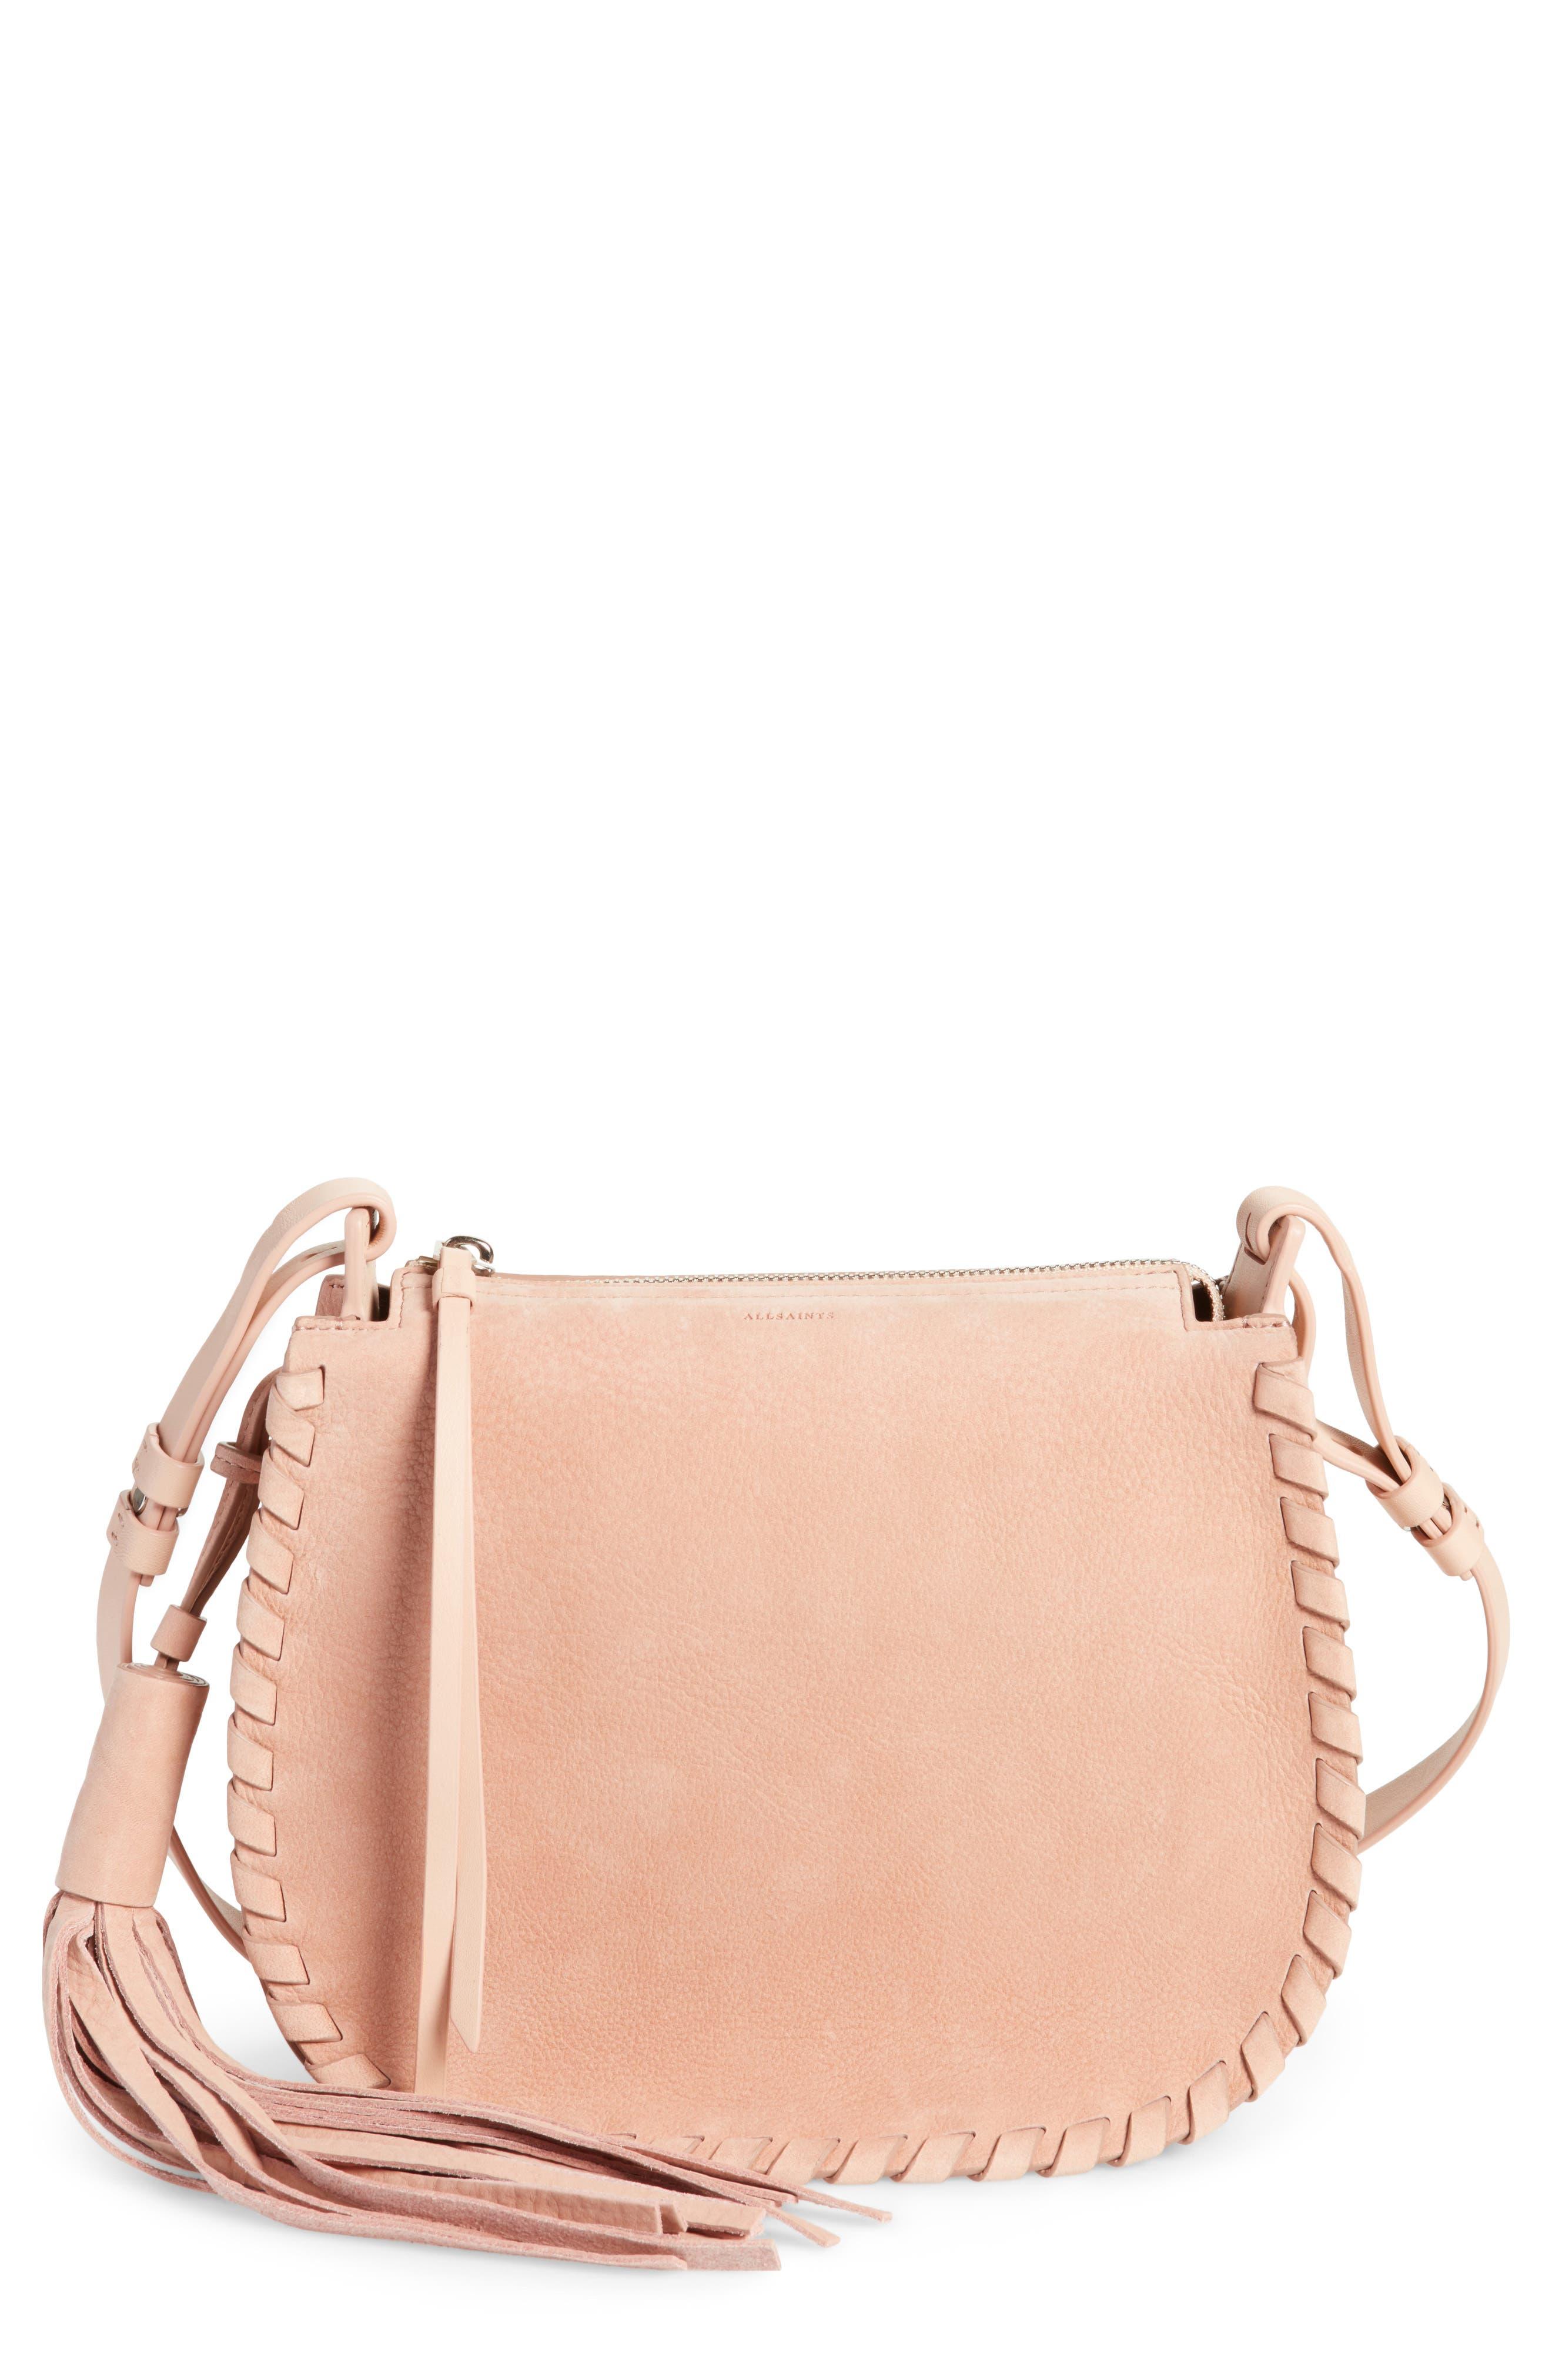 Mori Suede Crossbody Bag,                         Main,                         color, NUDE PINK